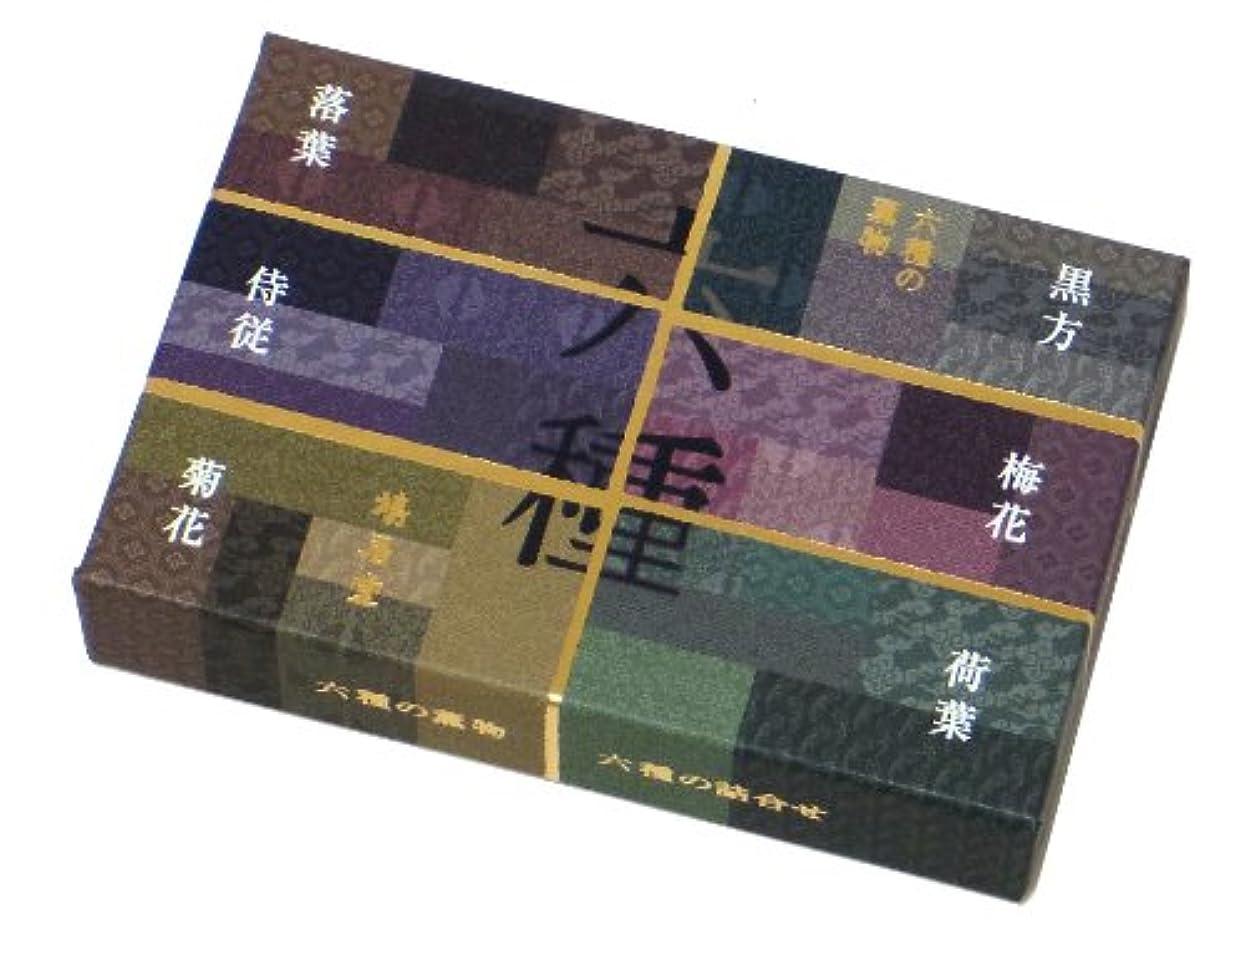 混合解決準備した鳩居堂のお香 六種の薫物6種セット 6種類各5本入 6cm 香立入